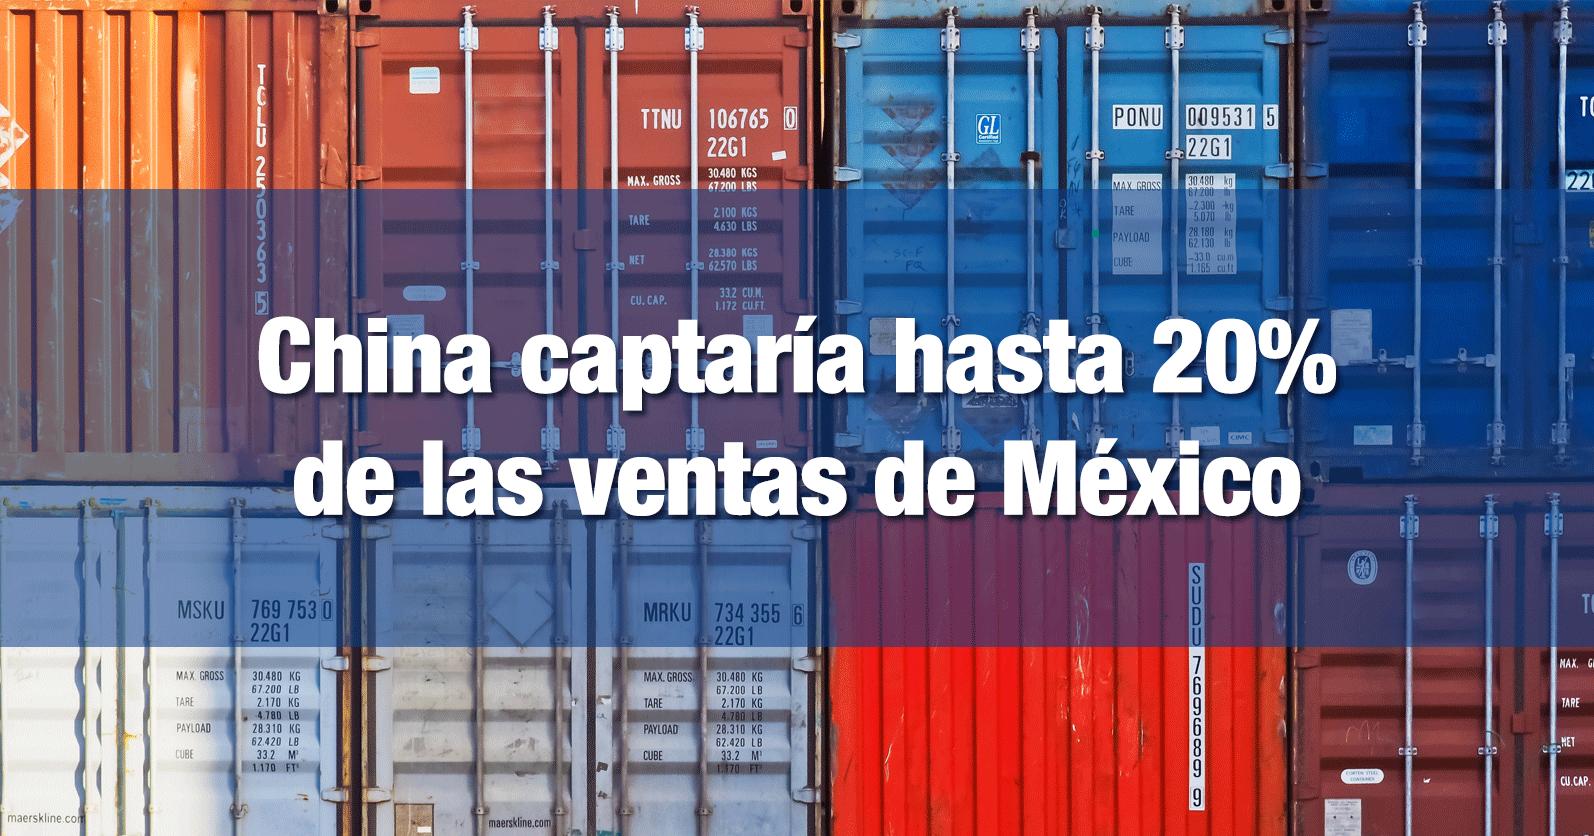 China captaría hasta 20% de las ventas de México